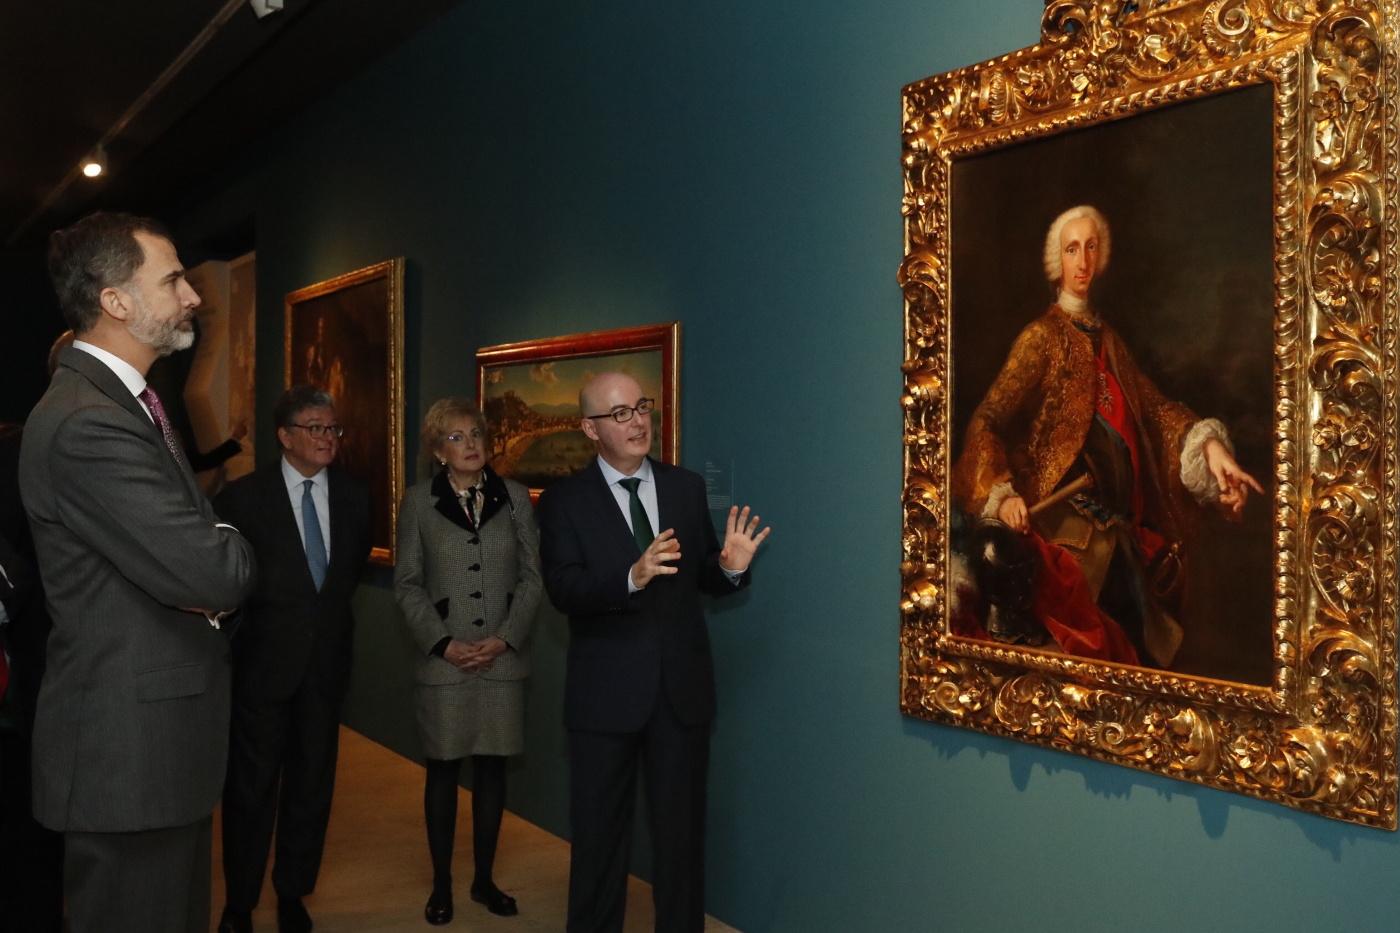 Don Felipe atiende las explicaciones de Miguel Luque, comisario de la exposición